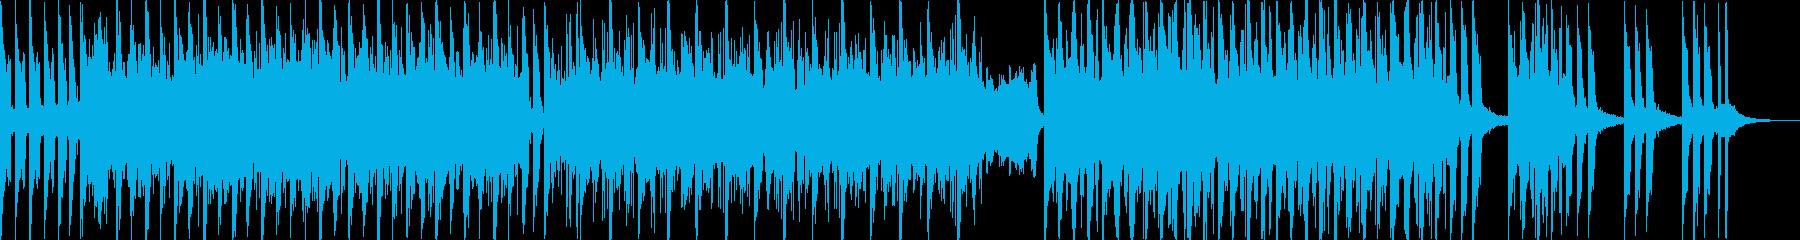 うねるベースの迫力あるビートの再生済みの波形